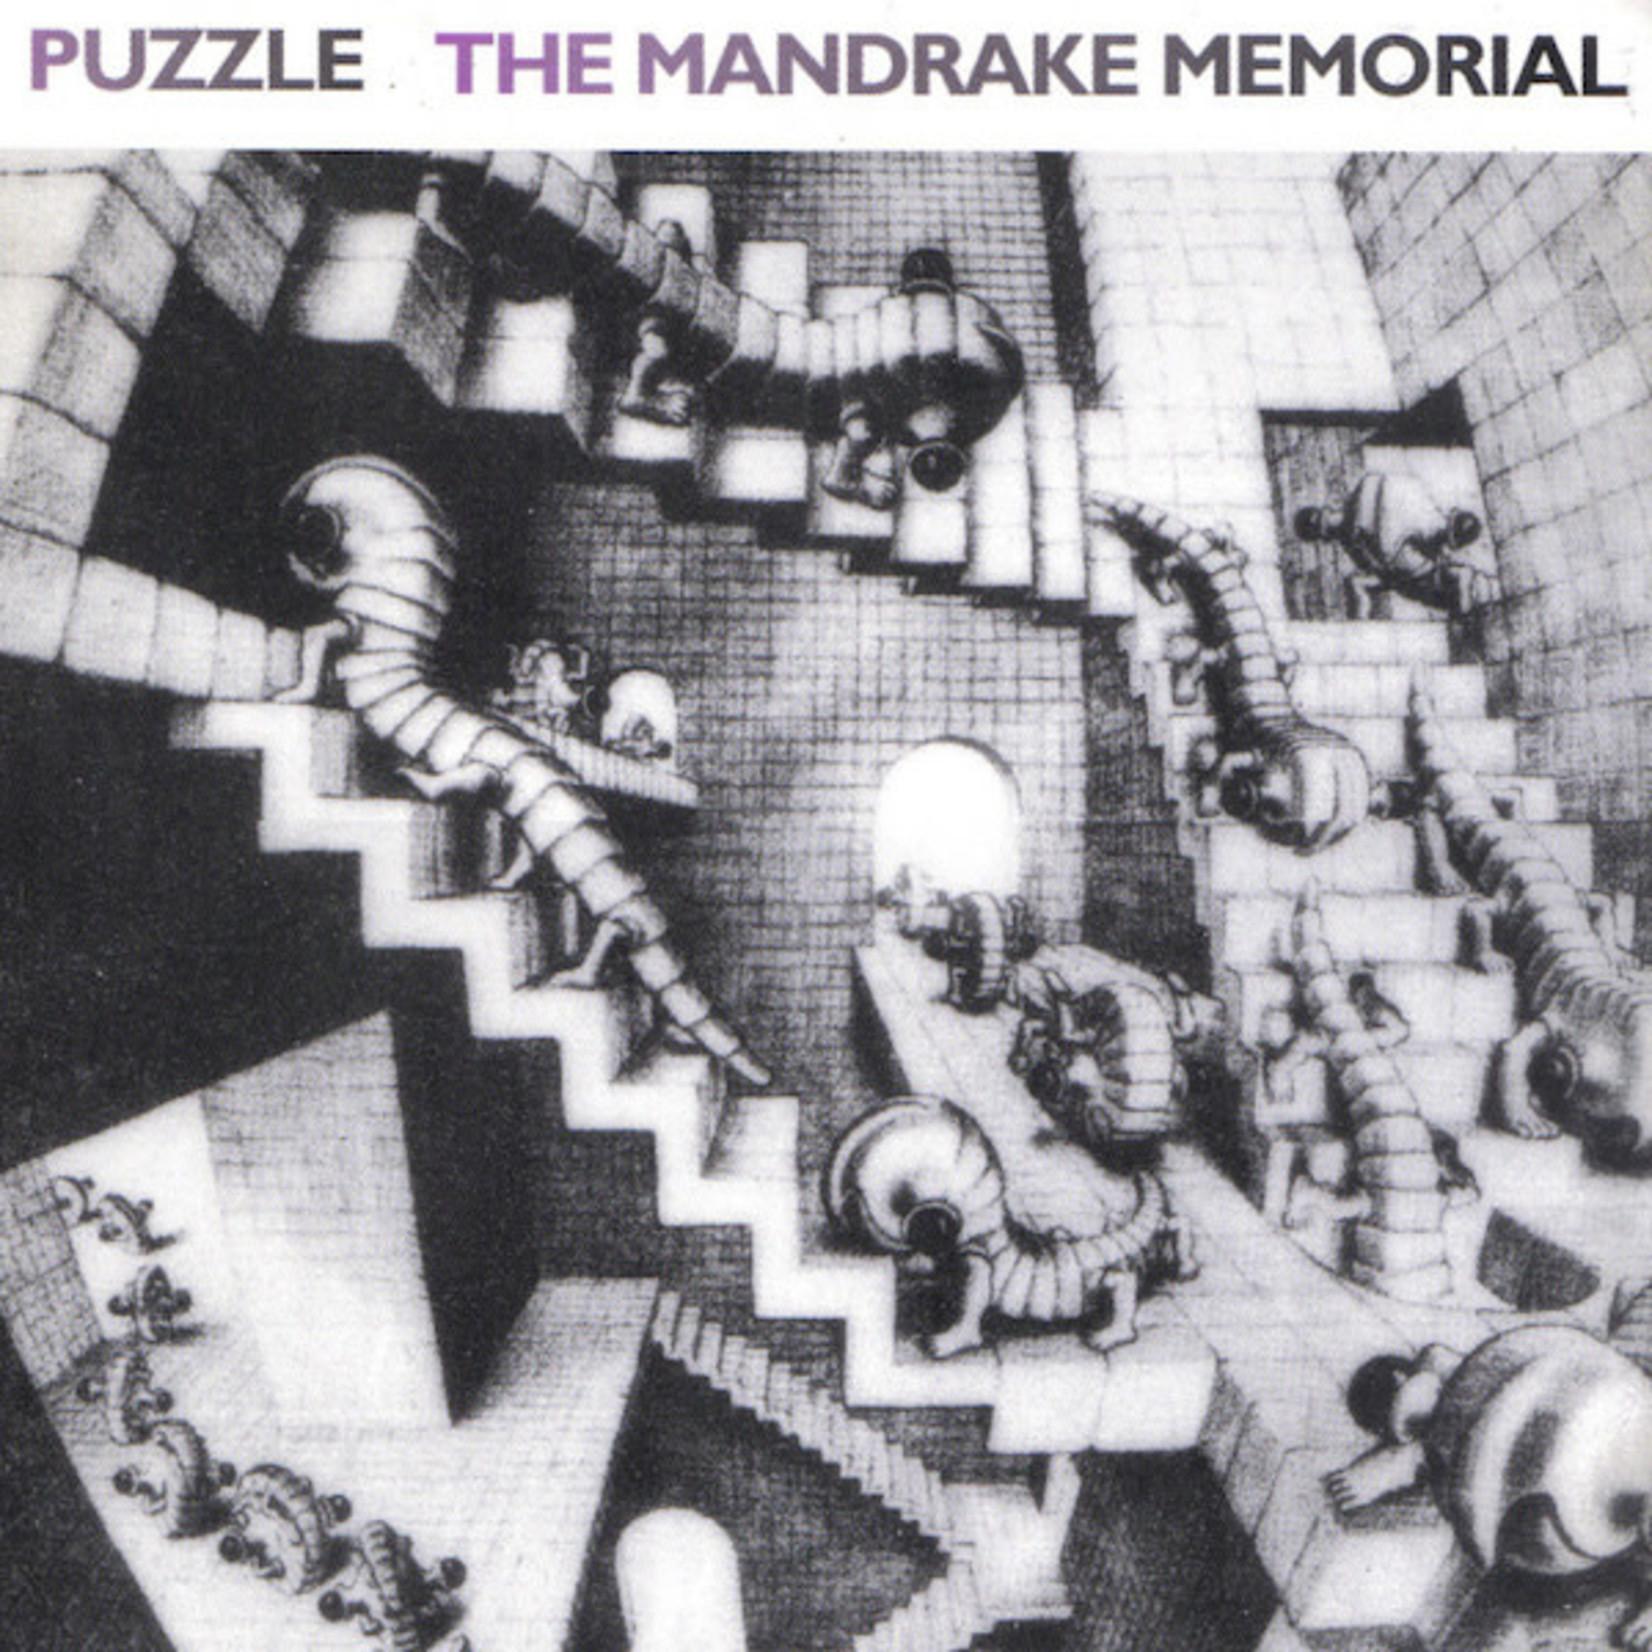 Vinyl The Mandrake Memorial - Puzzle